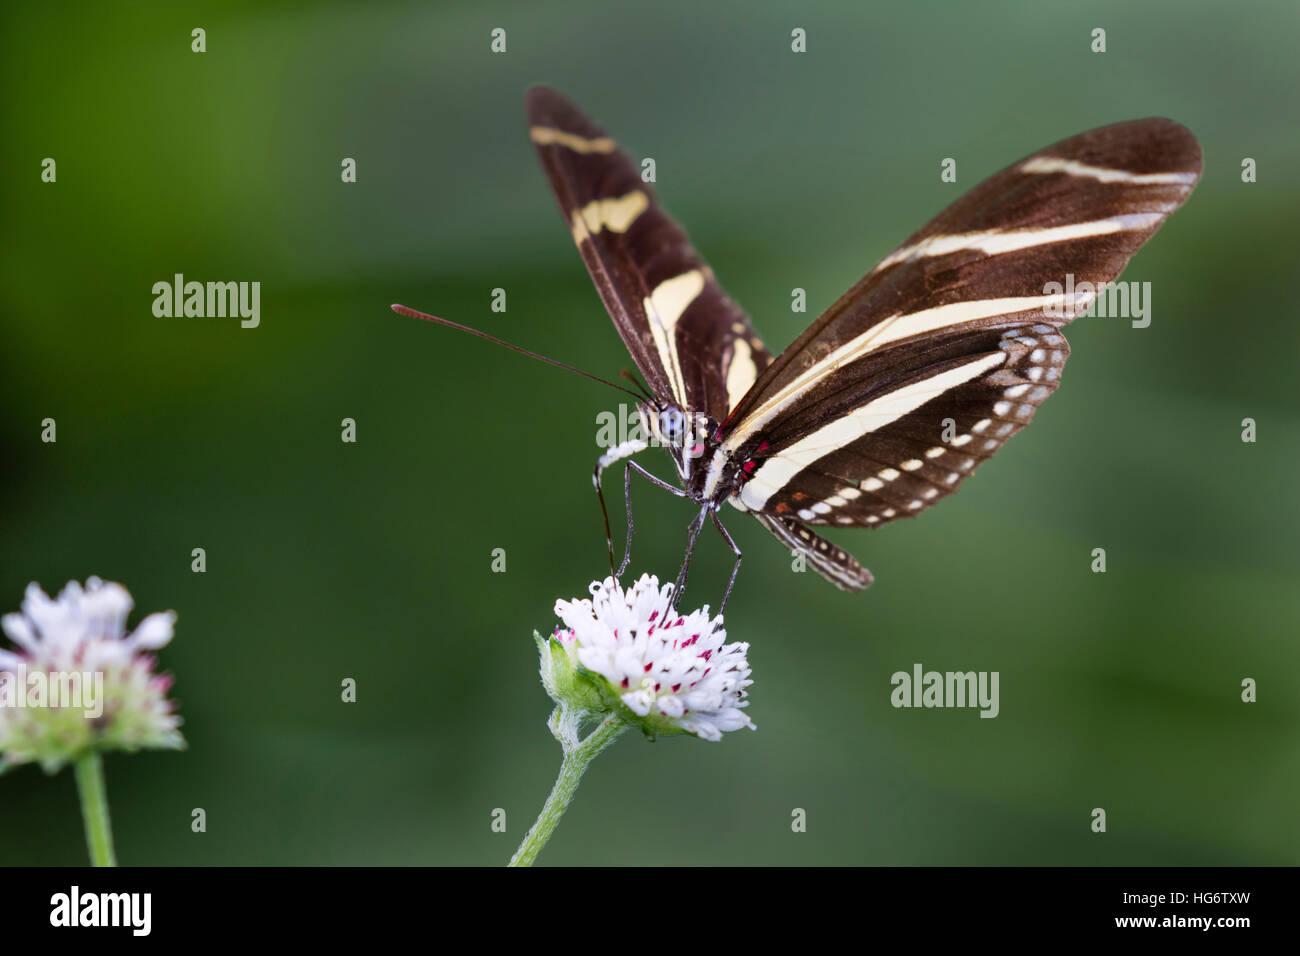 Zebra Longwing (Papillon Heliconius charitonius) se nourrissant sur une fleur, Belize, Amérique Centrale Photo Stock